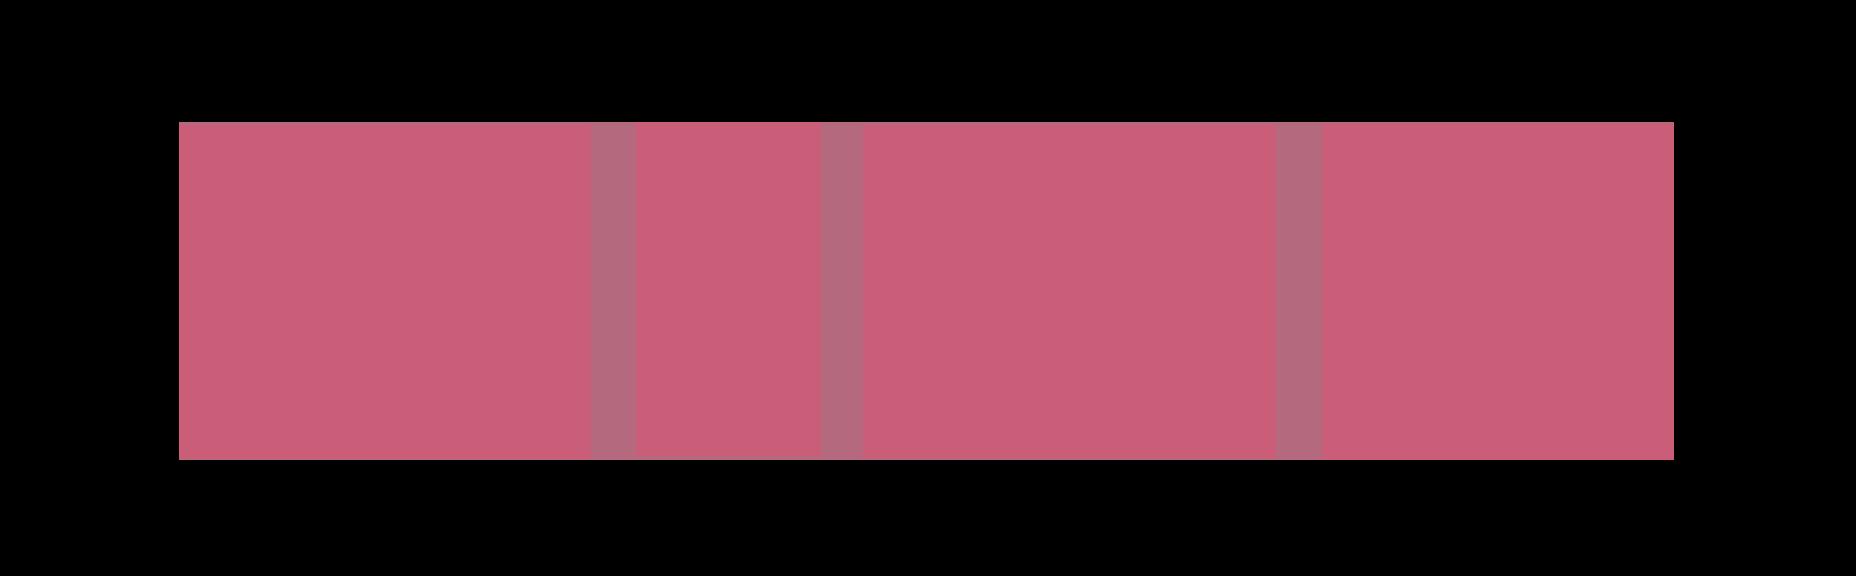 MIMP-logo